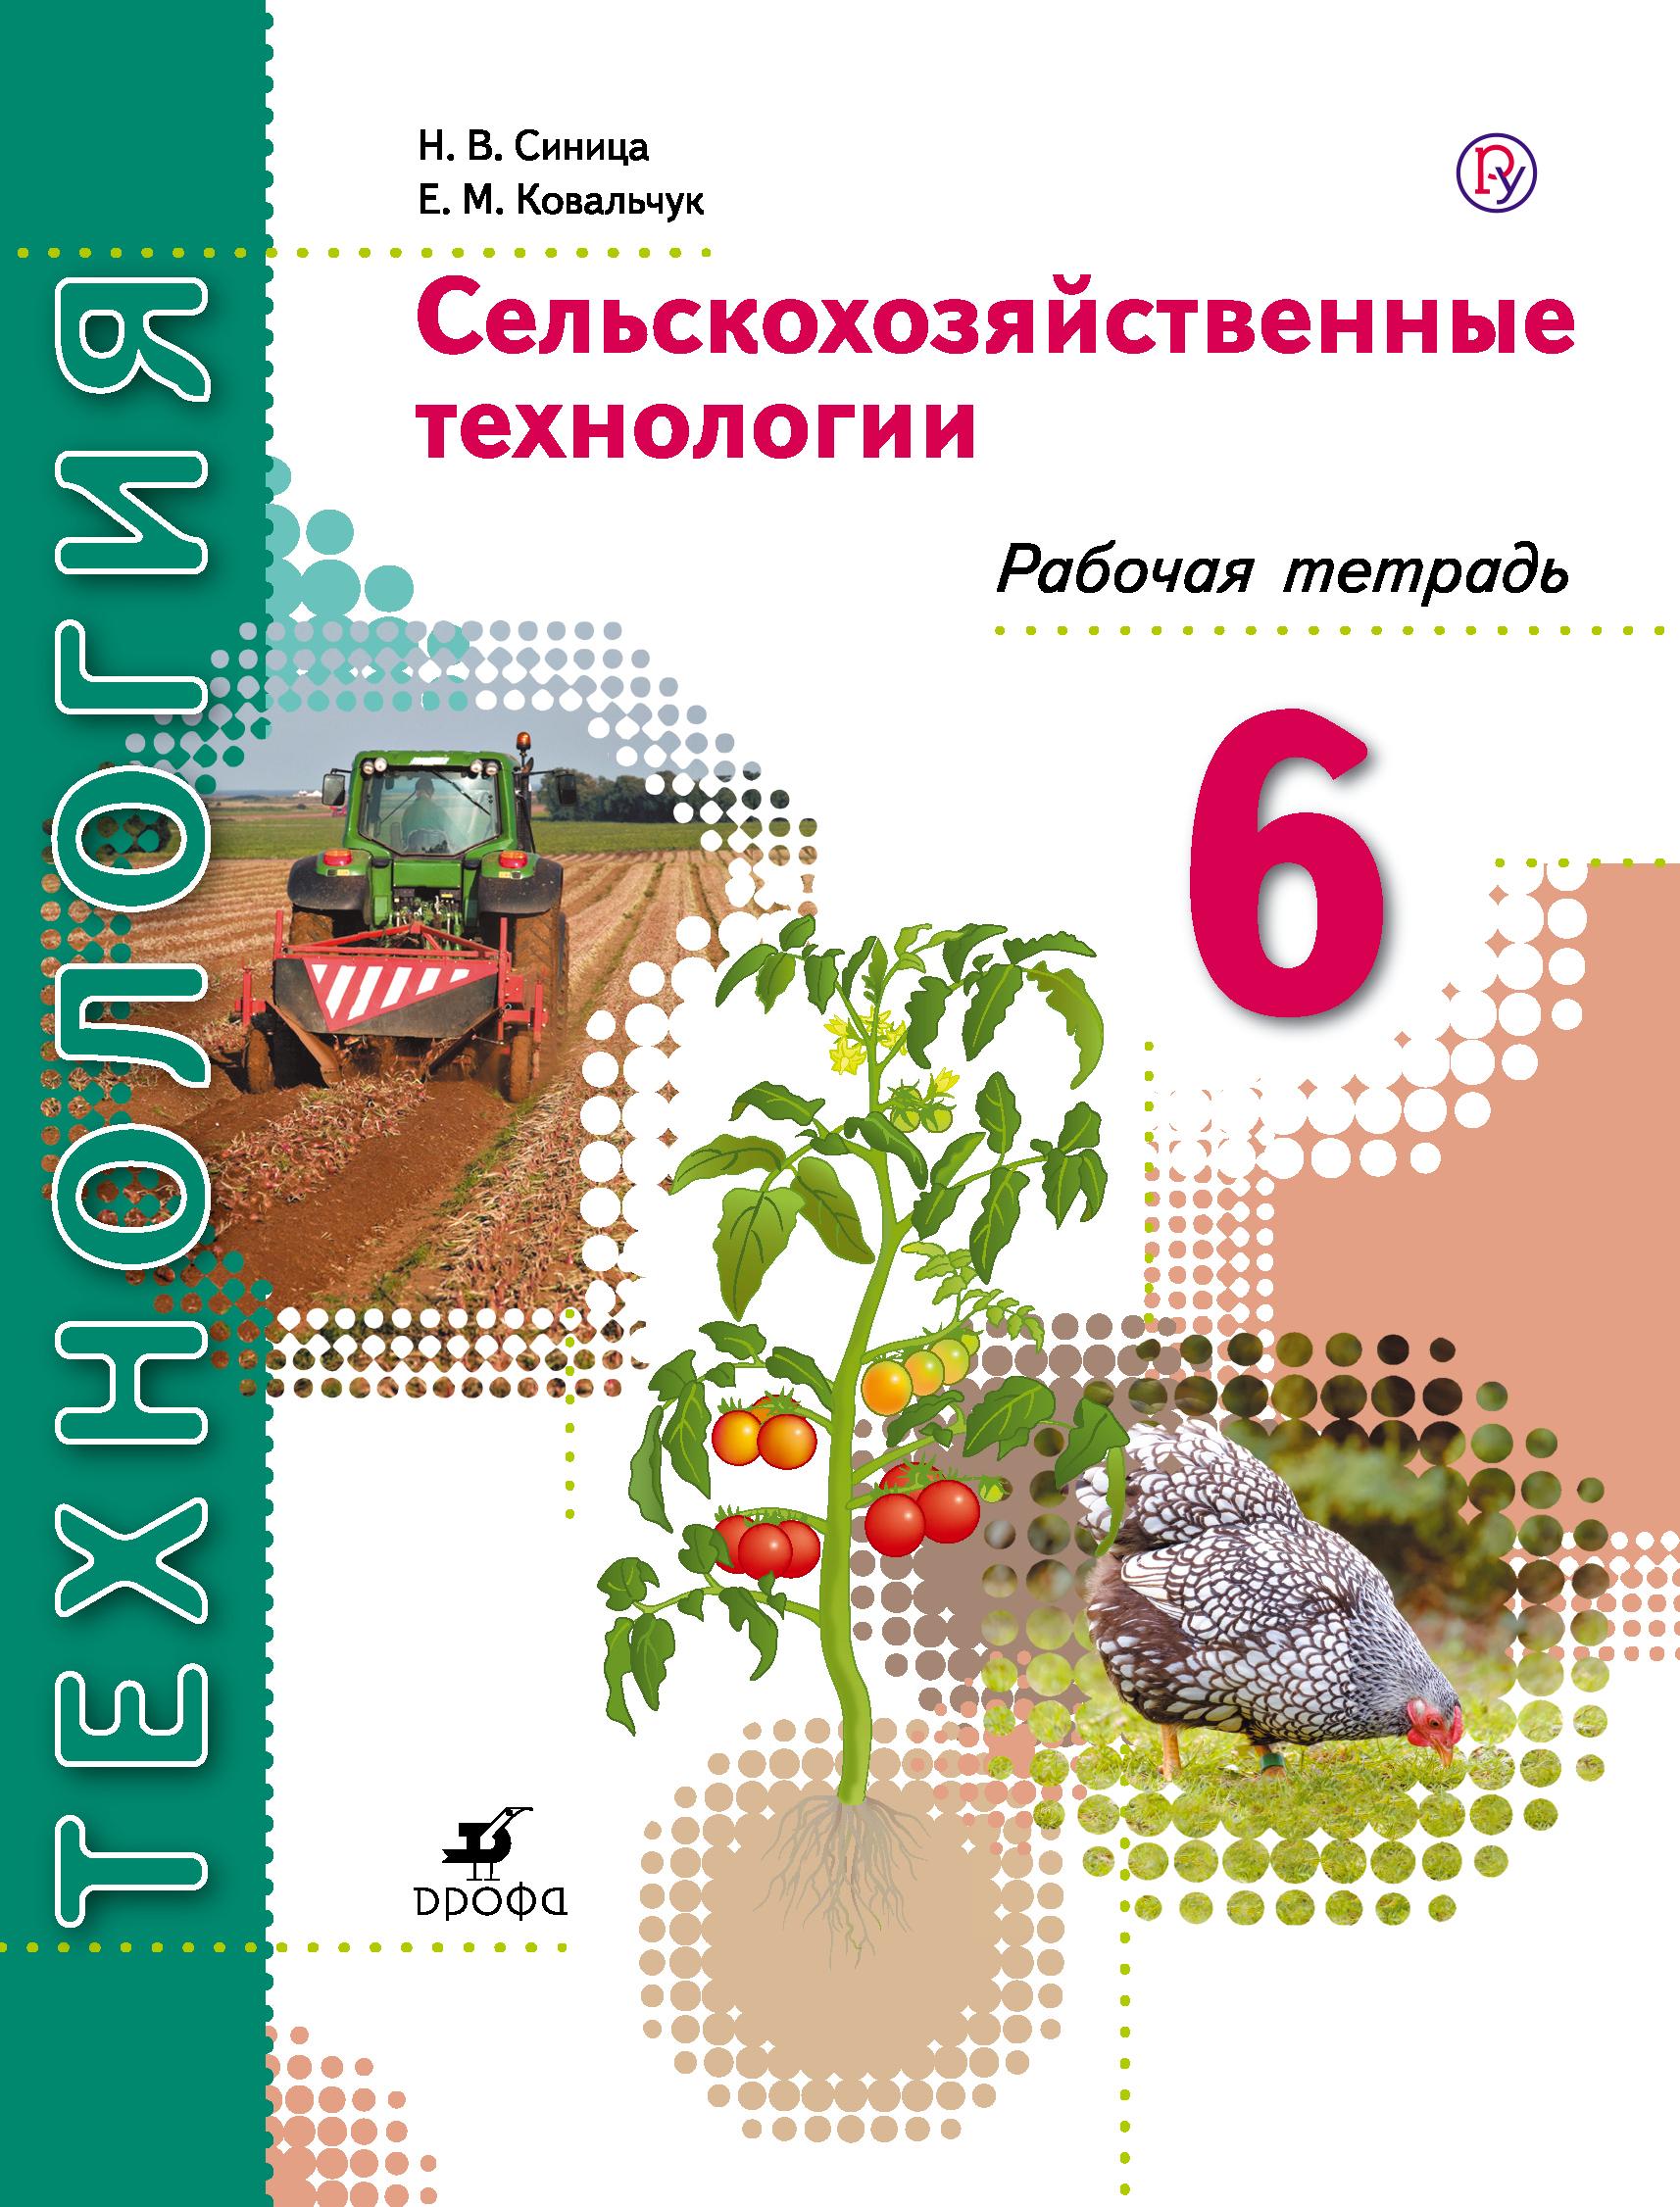 Сельскохозяйственные технологии. 6 класс. Рабочая тетрадь. ( Синица Н.В., Ковальчук Е.М.  )